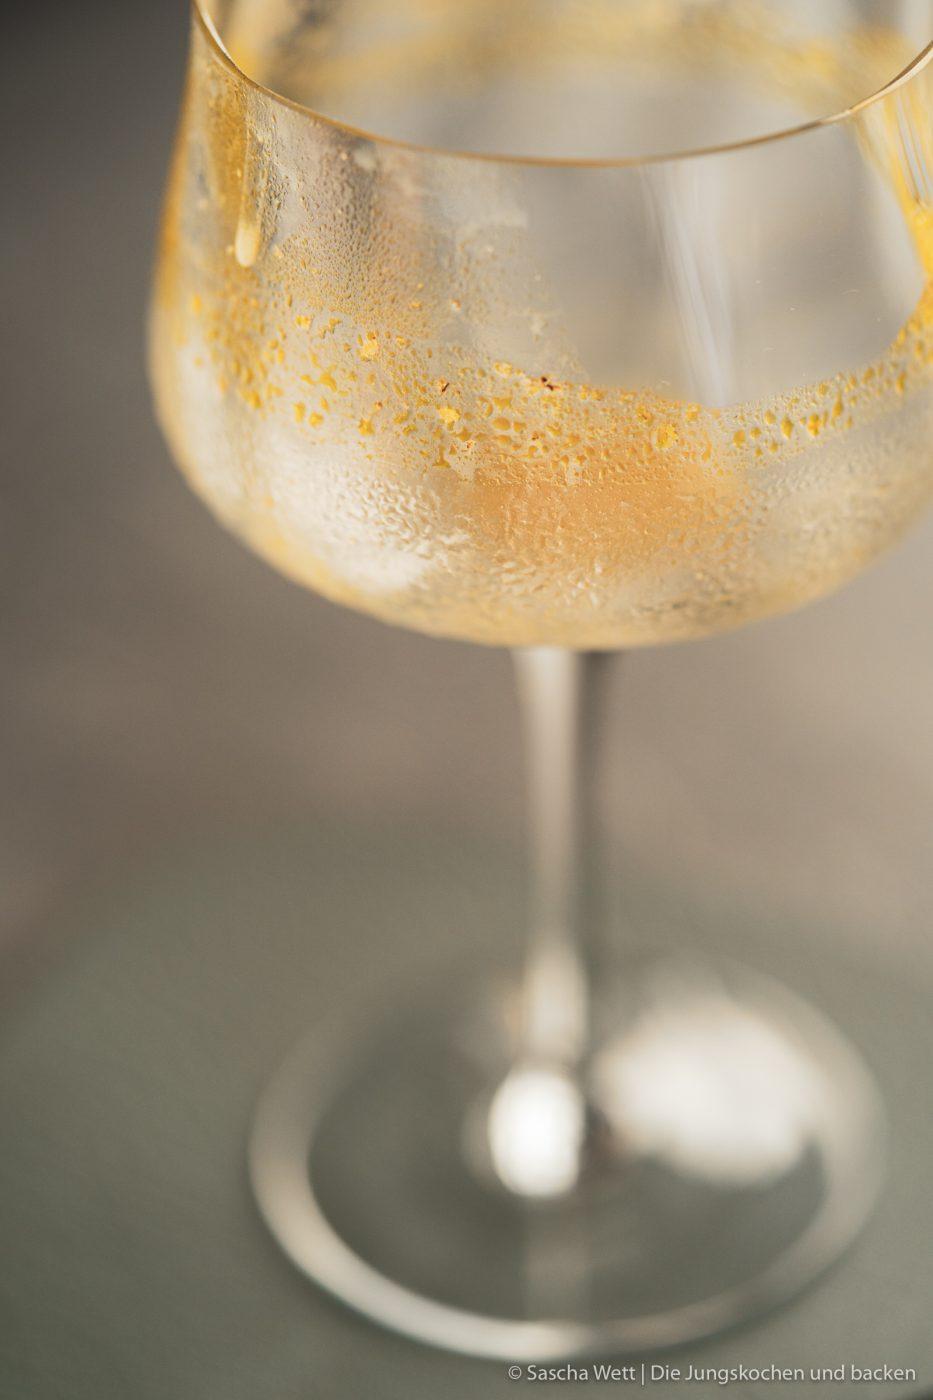 Sundown Eggnog Verpoorten 9 | Wir gehen auch schon in die zweite Runde unserer IGTV-Reihe Unser Schnapsregal! Dieses Mal haben wir einen leckeren Cocktail für euch im Gepäck und der ist der perfekte Drink für einen entspannten Feierabend. Wenn die Sonne orangerot am Himmel steht, kann man so langsam in den Entspannungsmodus wechseln, denn das ist doch die schönste Zeit des Tages. Genau für diese Stunden haben wir den Sundown Eggnog kreiert - so heißt unsere Eierlikör-Cocktail-Kreation. Wir sind RIESEN Fans von Eierlikör, das wisst ihr ja alle. Und daher können wir nicht glücklicher sein, das Traditionsunternehmen Verpoorten an unserer Seite zu wissen.